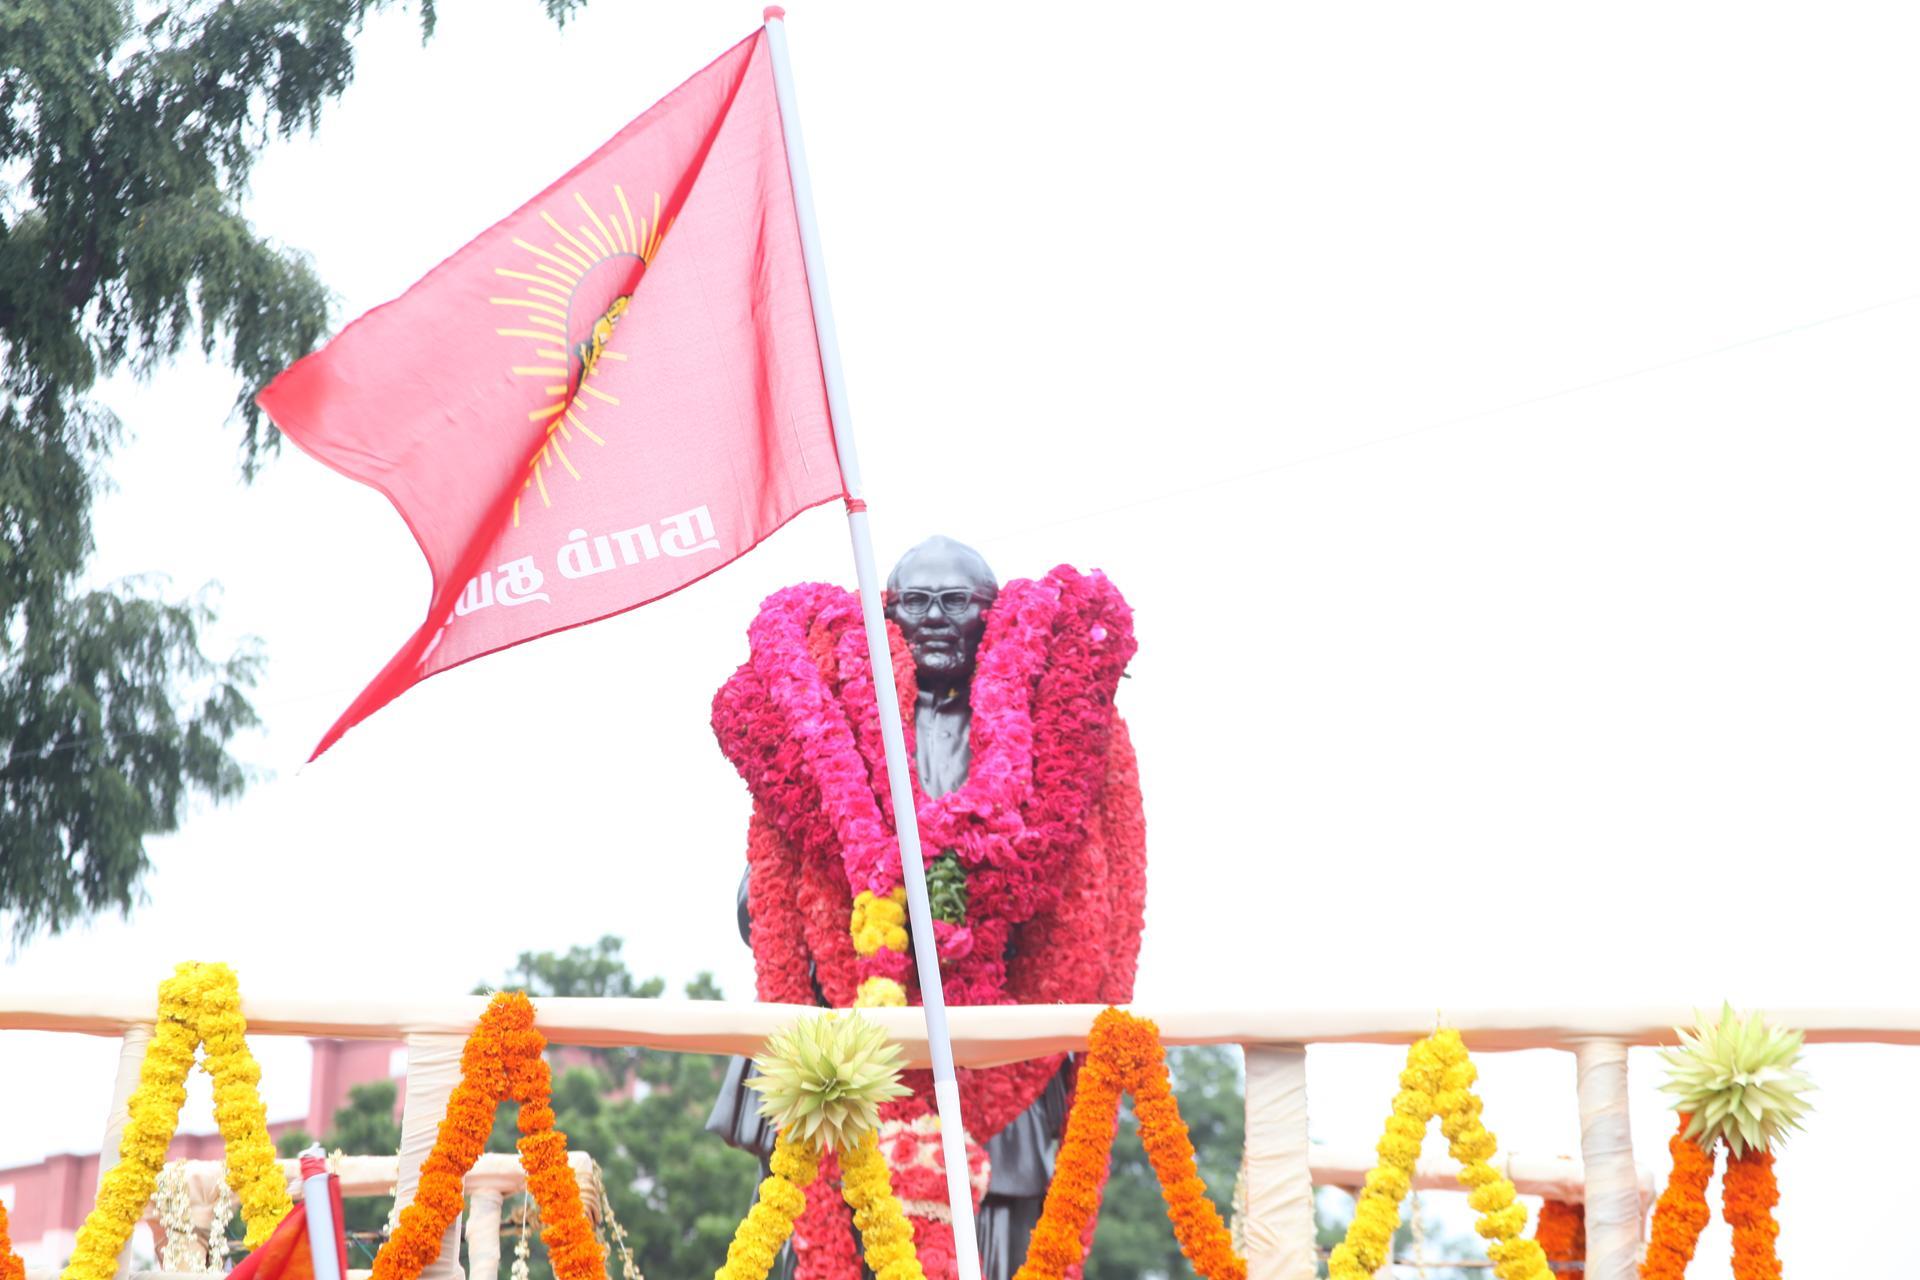 'தமிழர் தந்தை' சி.பா. ஆதித்தனார் 113ஆம் ஆண்டு பிறந்தநாள்: சீமான் மலர்வணக்கம் naam tamilar katchi seeman paying floral tributes si paa aadhithanar 113th birth anniversary1